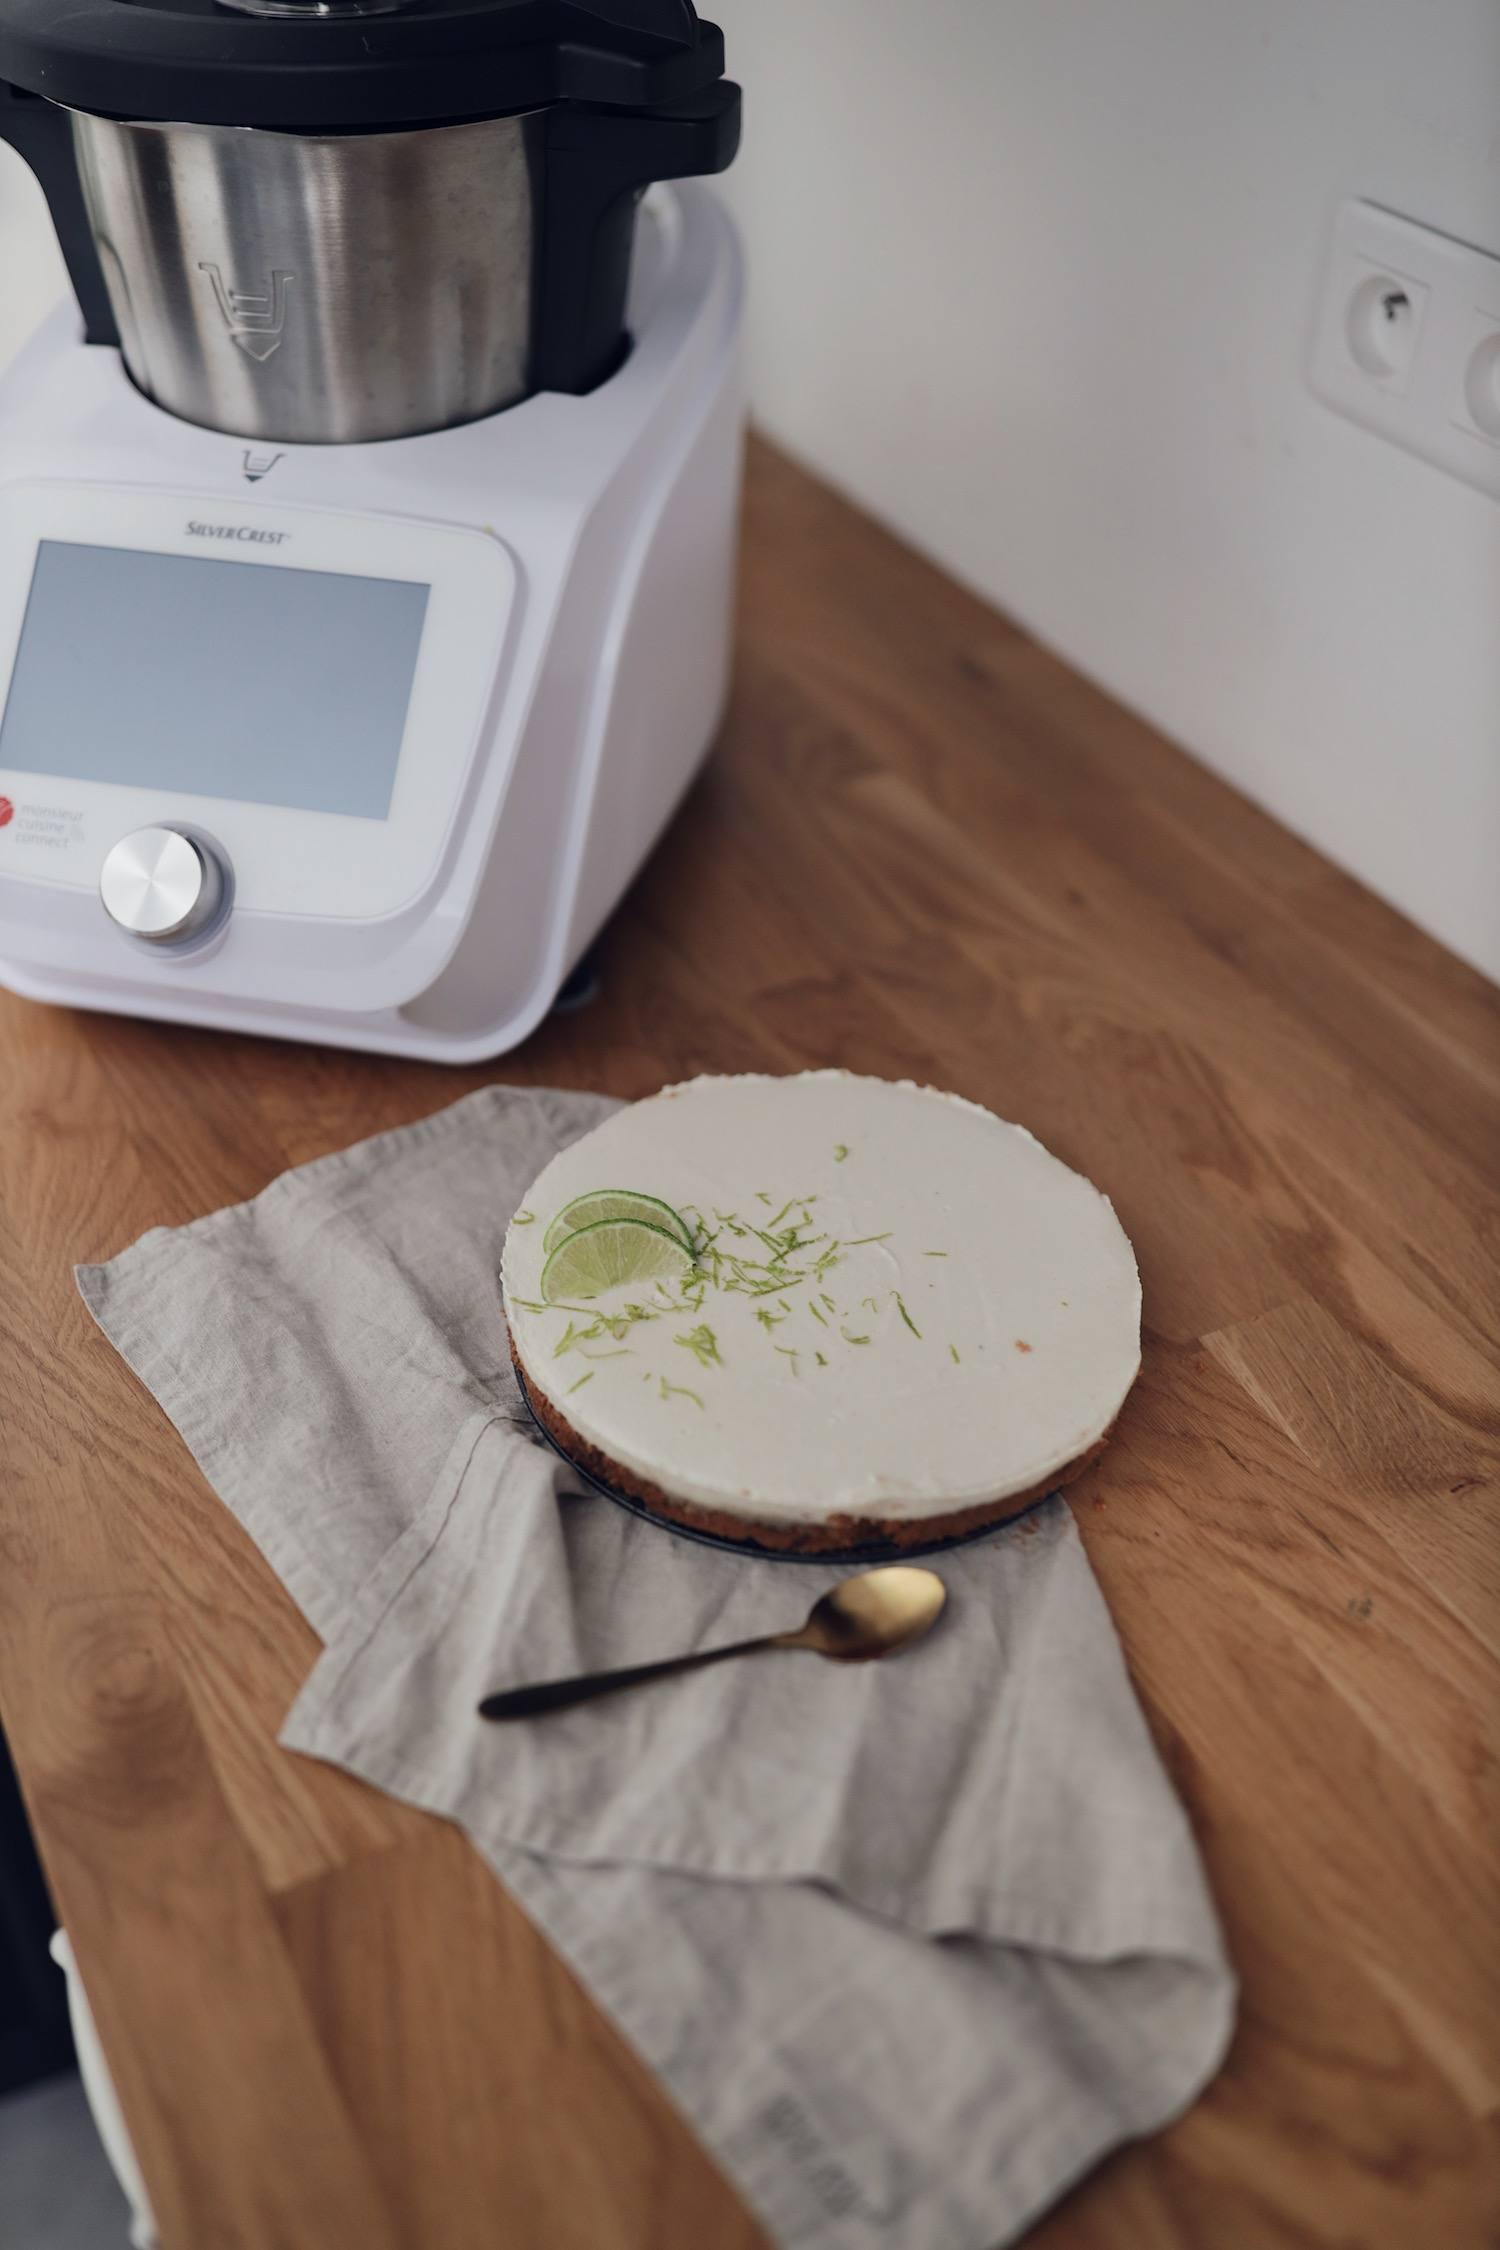 monsieur cuisine connect lidl vs thermomix nolwenn c blog nantes